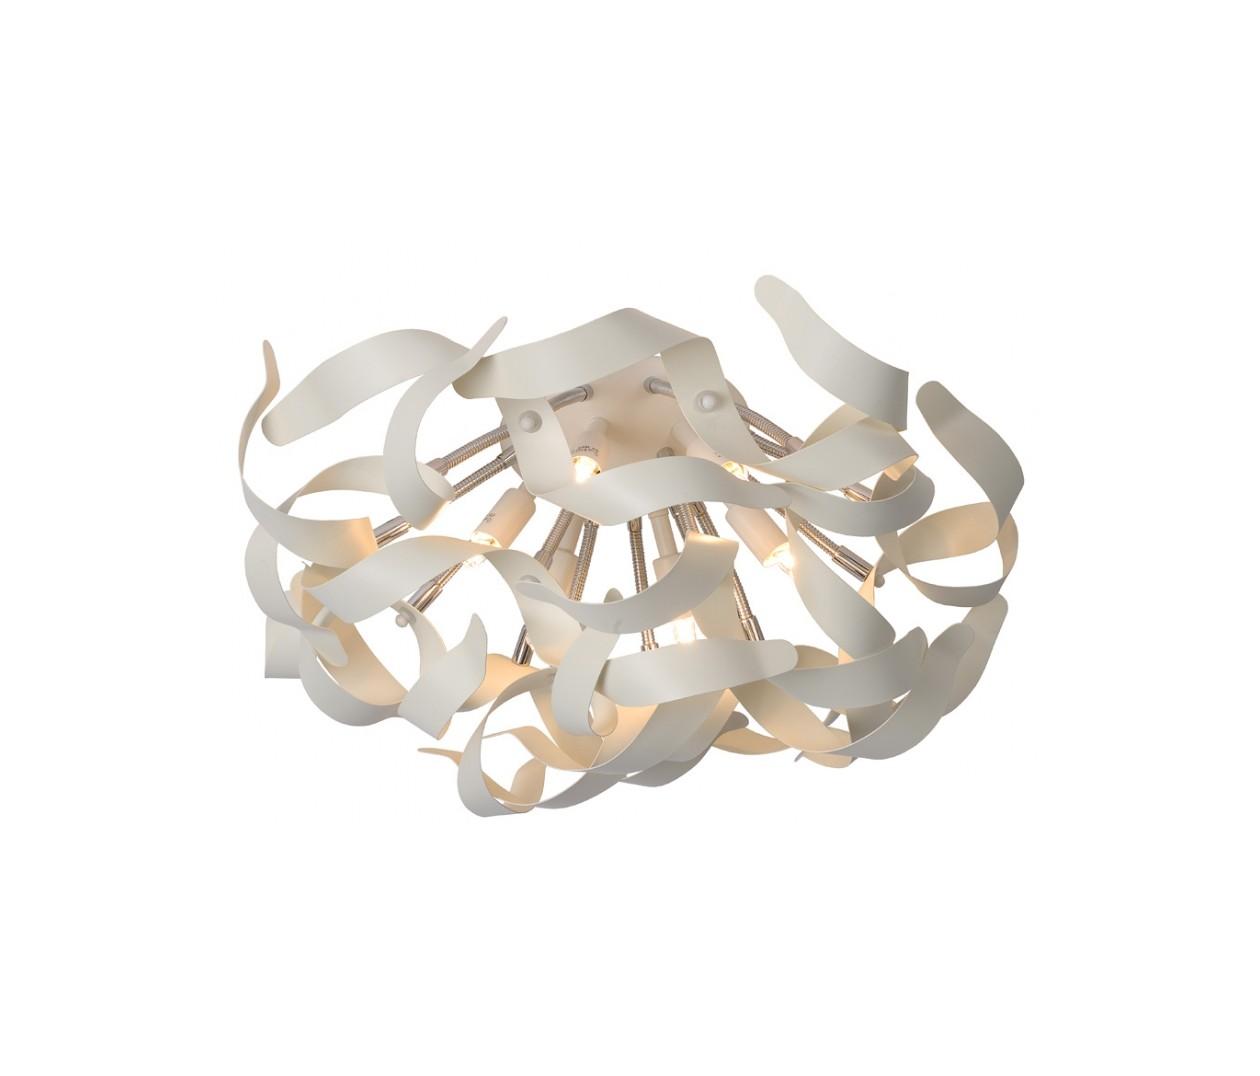 Потолочный светильник ATOMAПотолочные светильники<br>основание: металл<br>плафон: металл/белый<br>диаметр: 50 см<br>высота: 35 см<br>G9, 33W, 6 лампочек (в комплекте)<br><br>Material: Металл<br>Height см: 35<br>Diameter см: 50